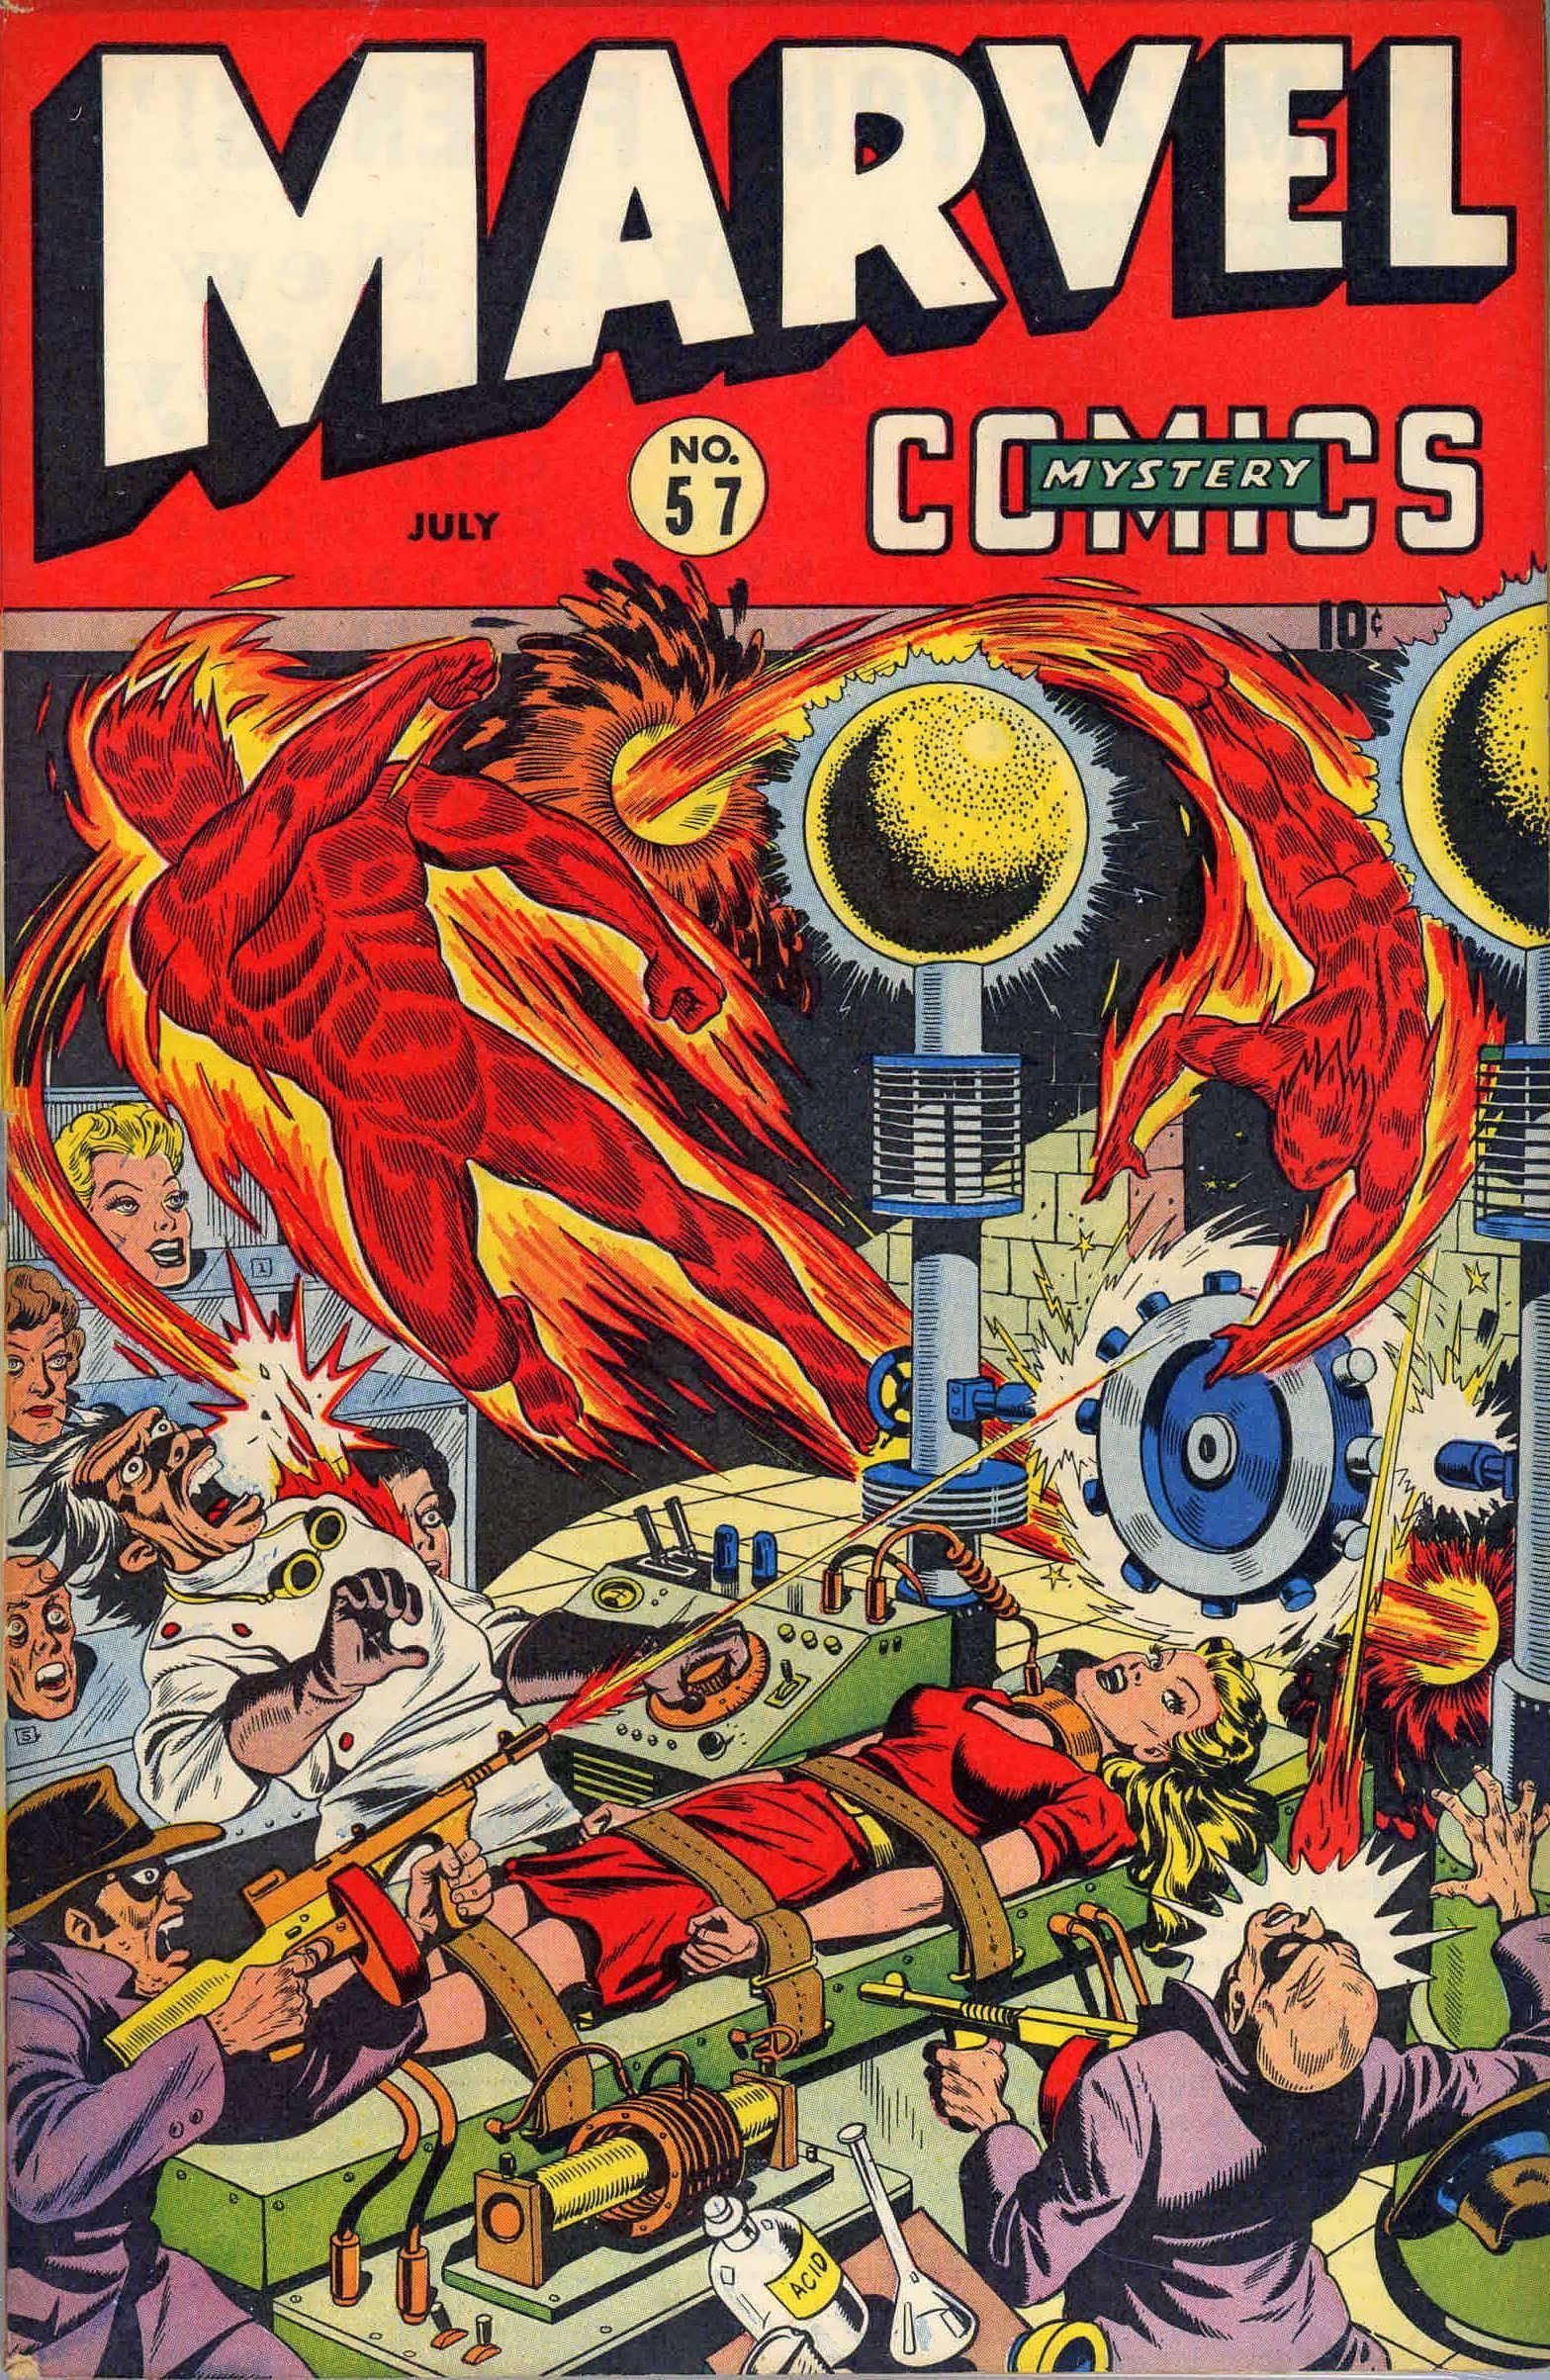 Marvel Mystery Comics v1 057 1944